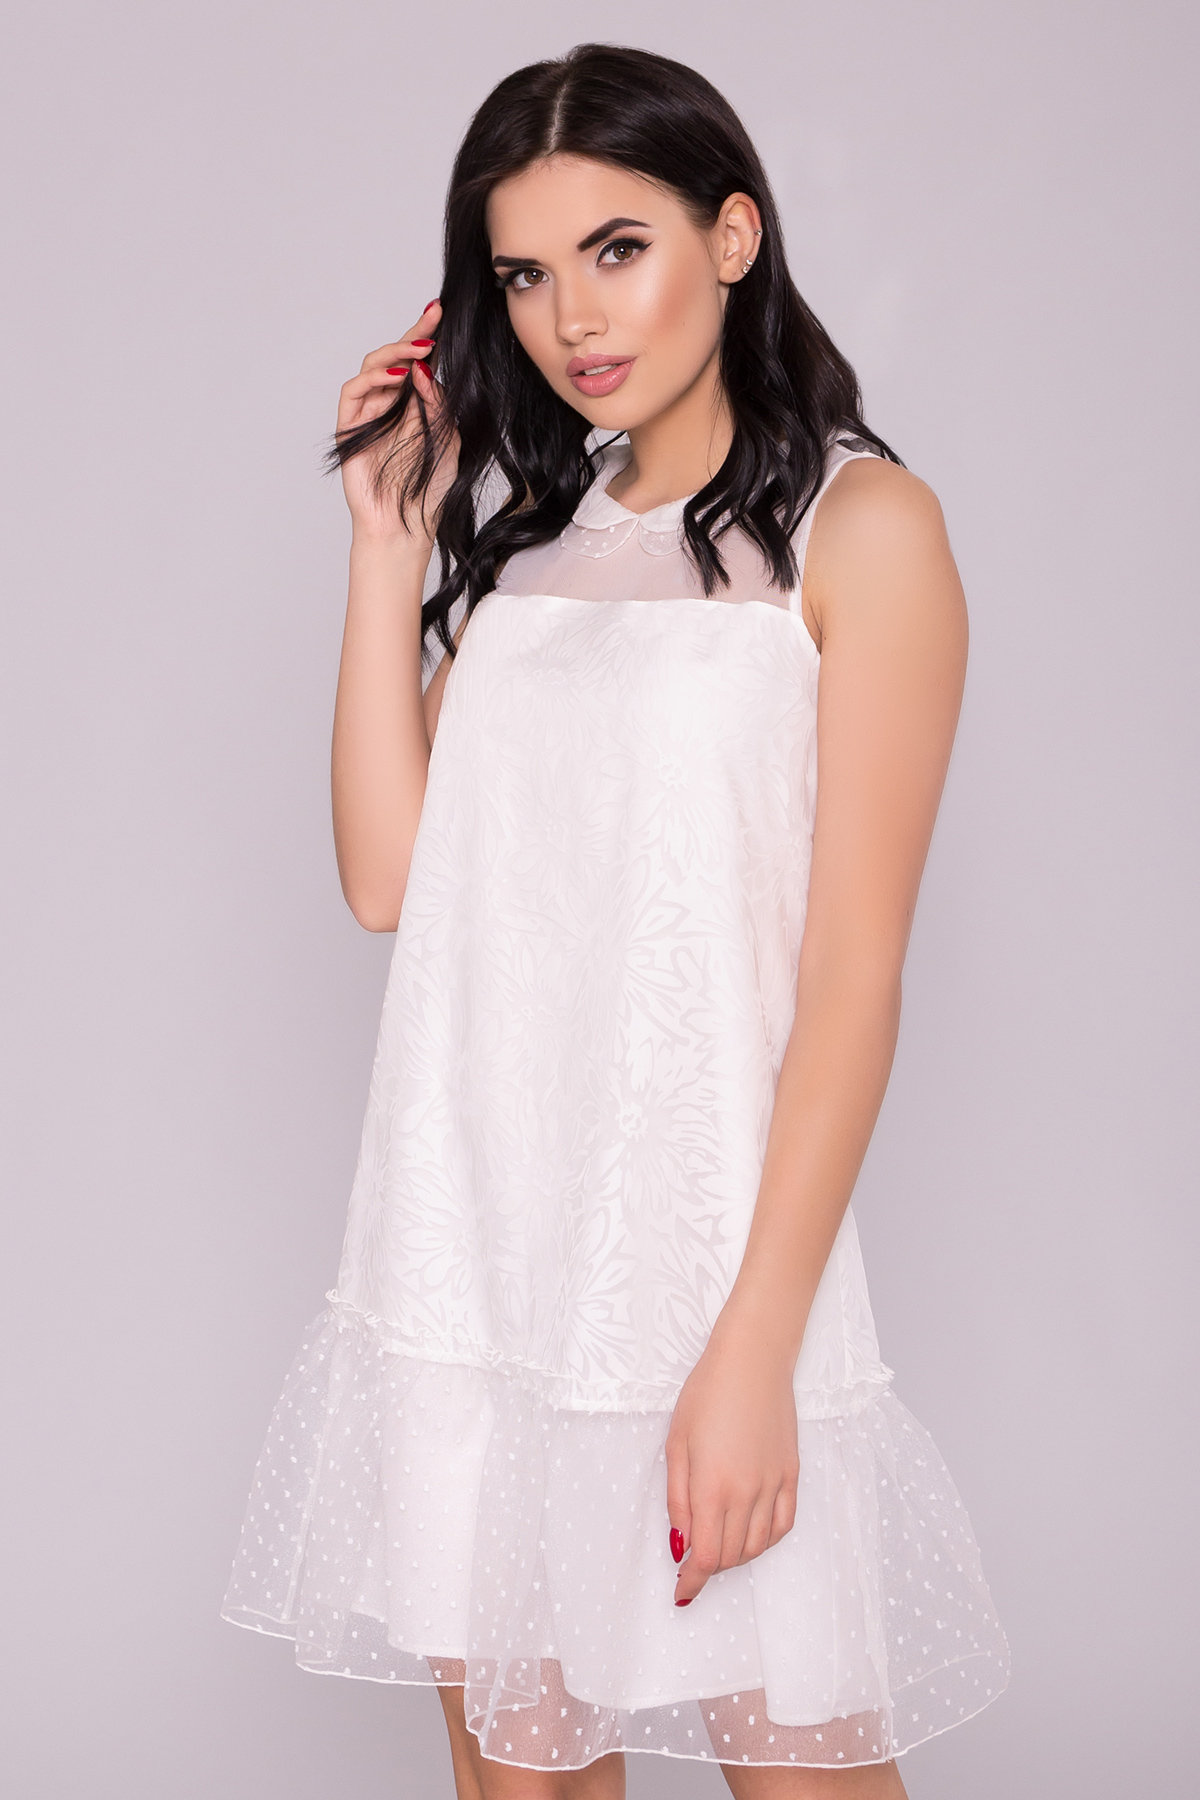 Платье Манила 6978 АРТ. 42369 Цвет: Молоко/мушка/Молоко - фото 3, интернет магазин tm-modus.ru